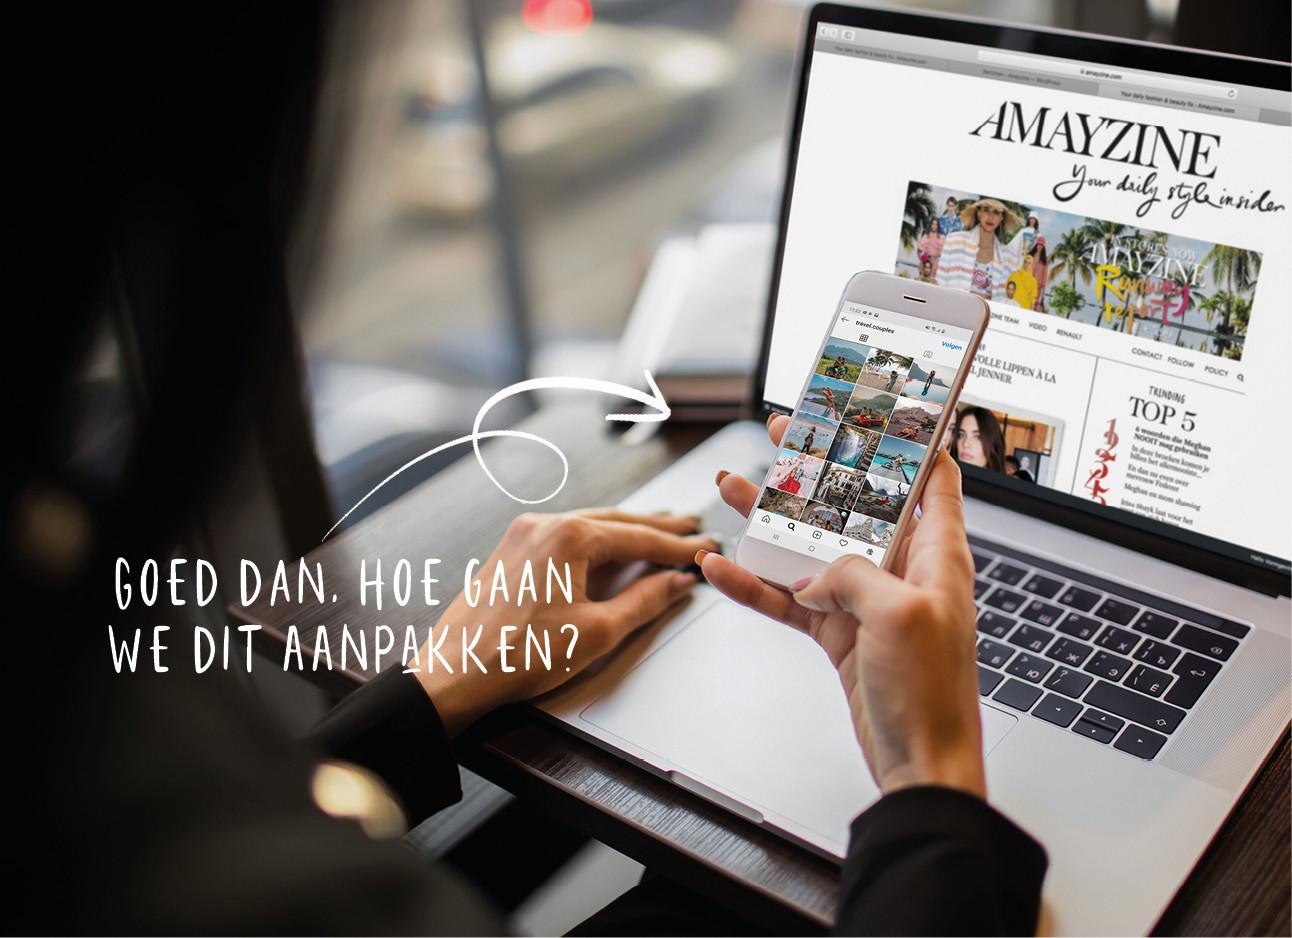 Vrouw tijdens werk op Instagram